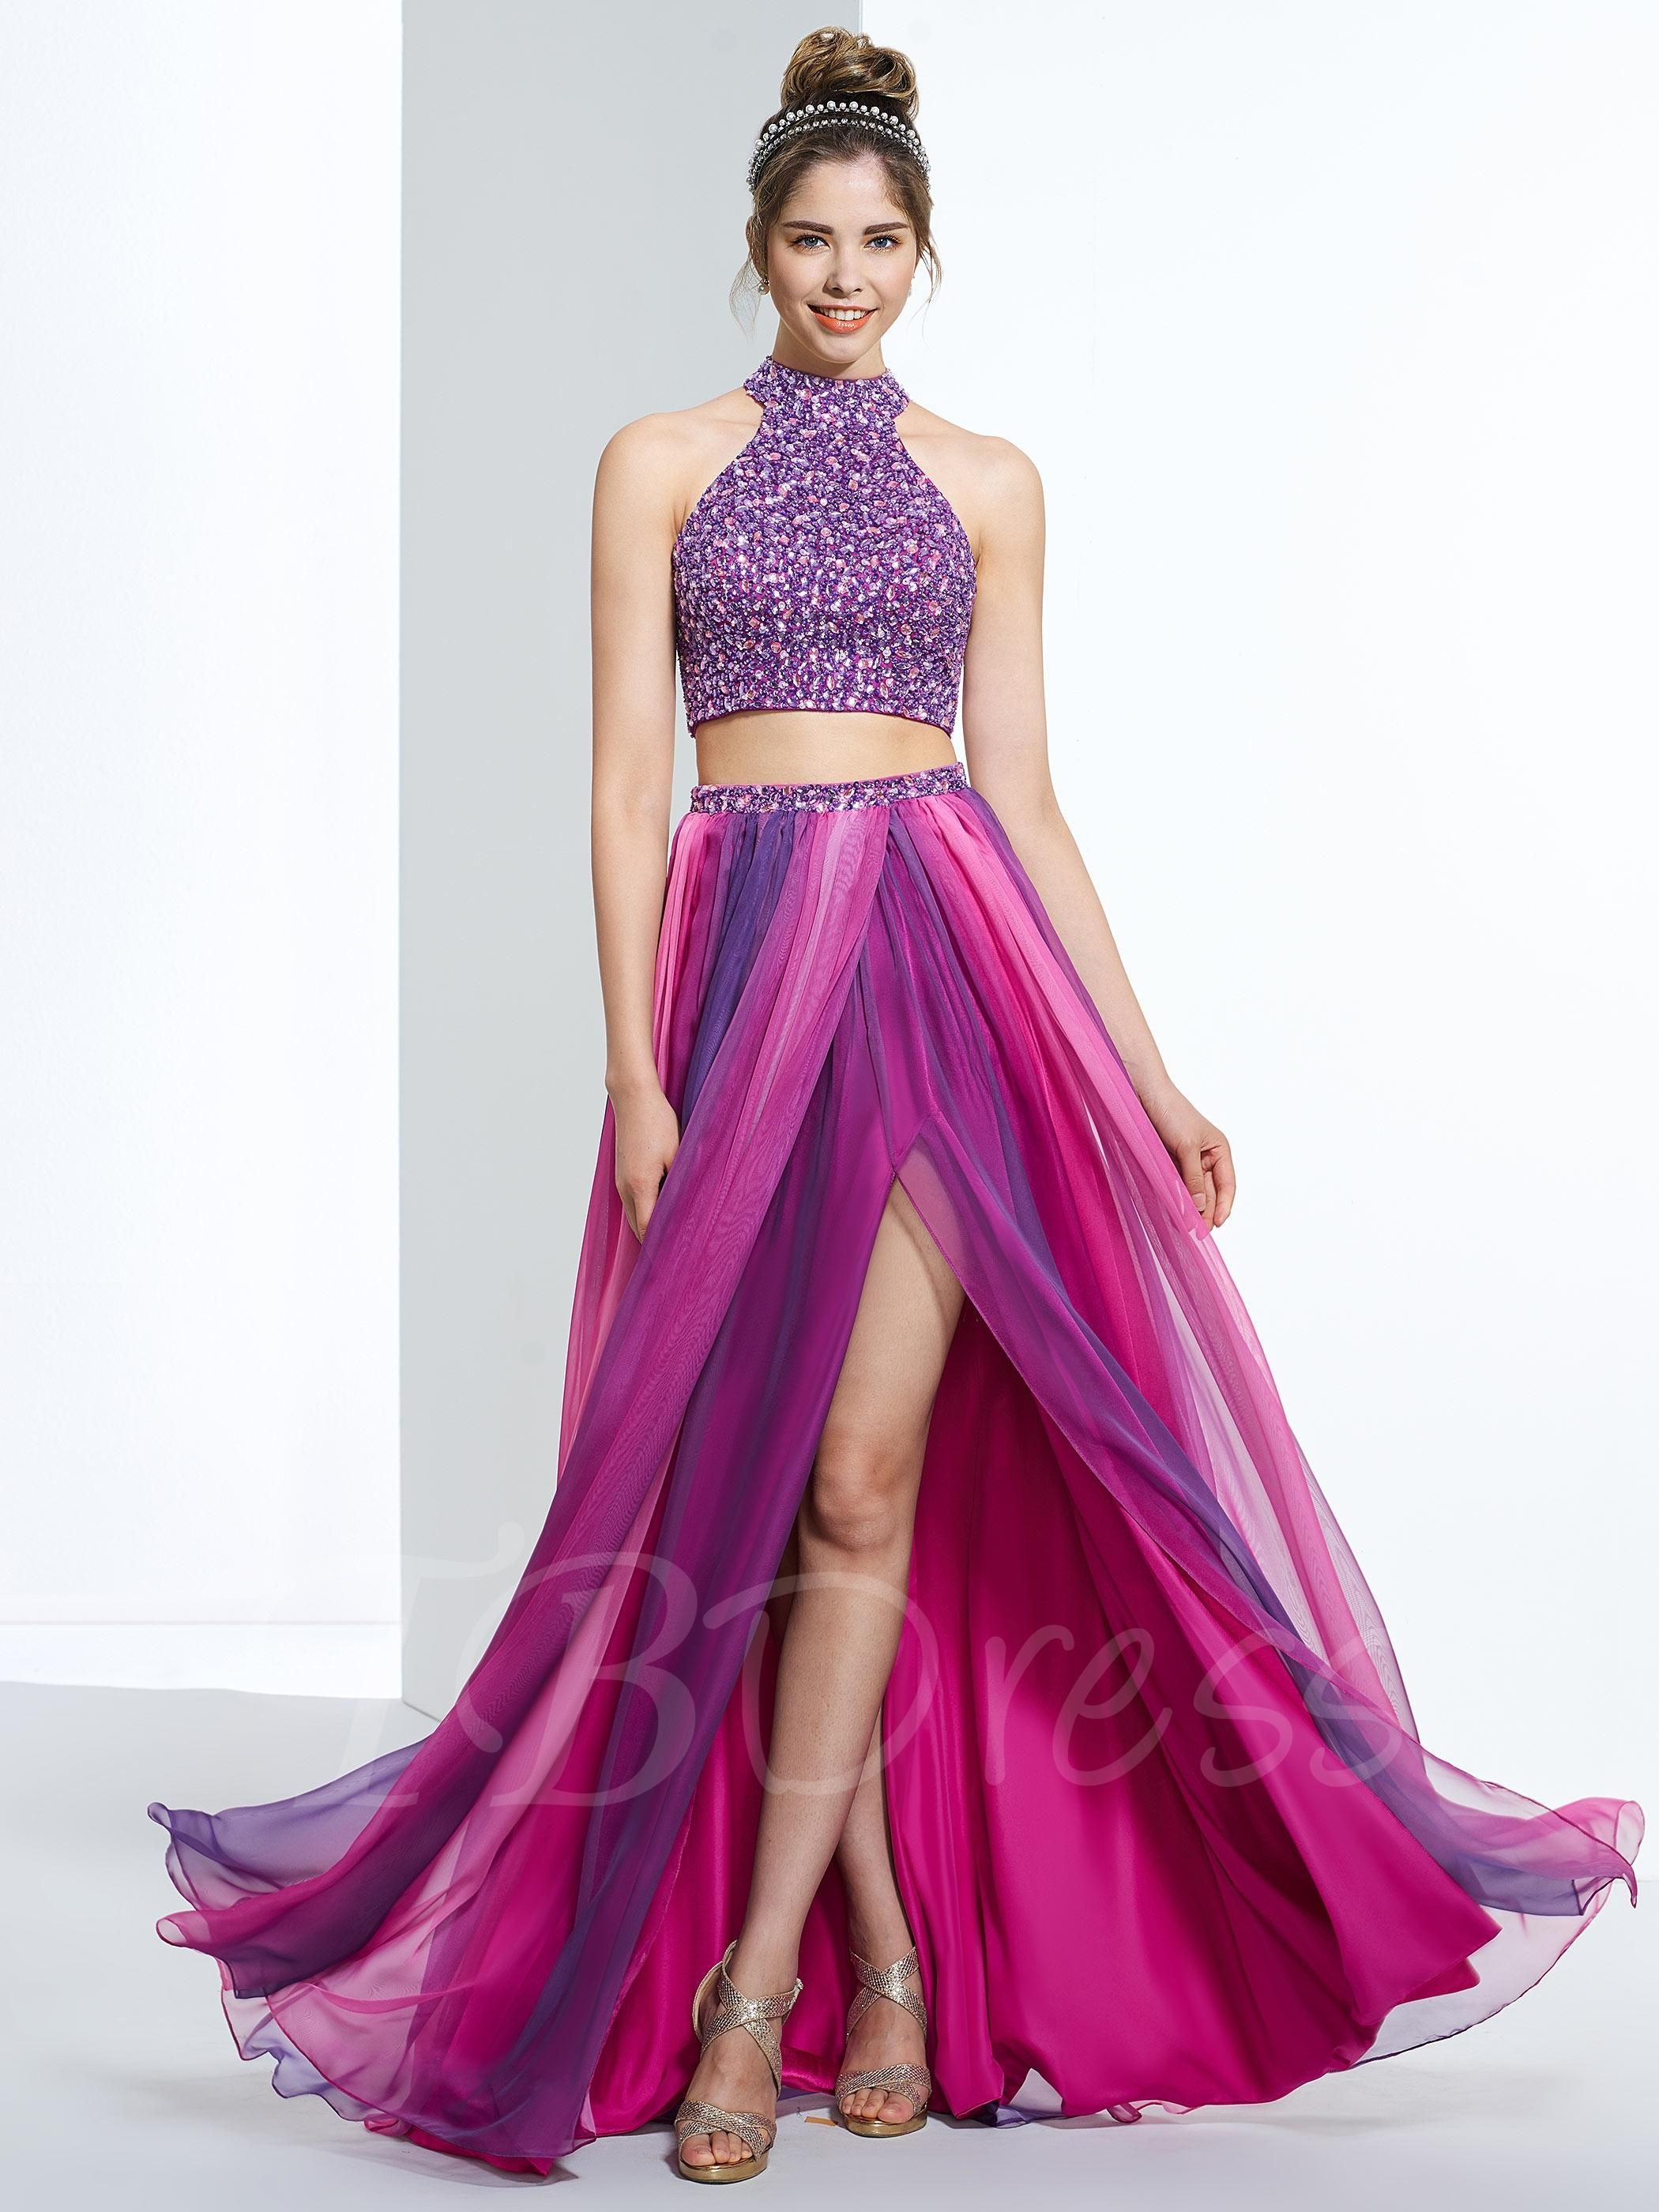 Moderno Lipsy Vestido De Fiesta Adornado Regalo - Colección de ...